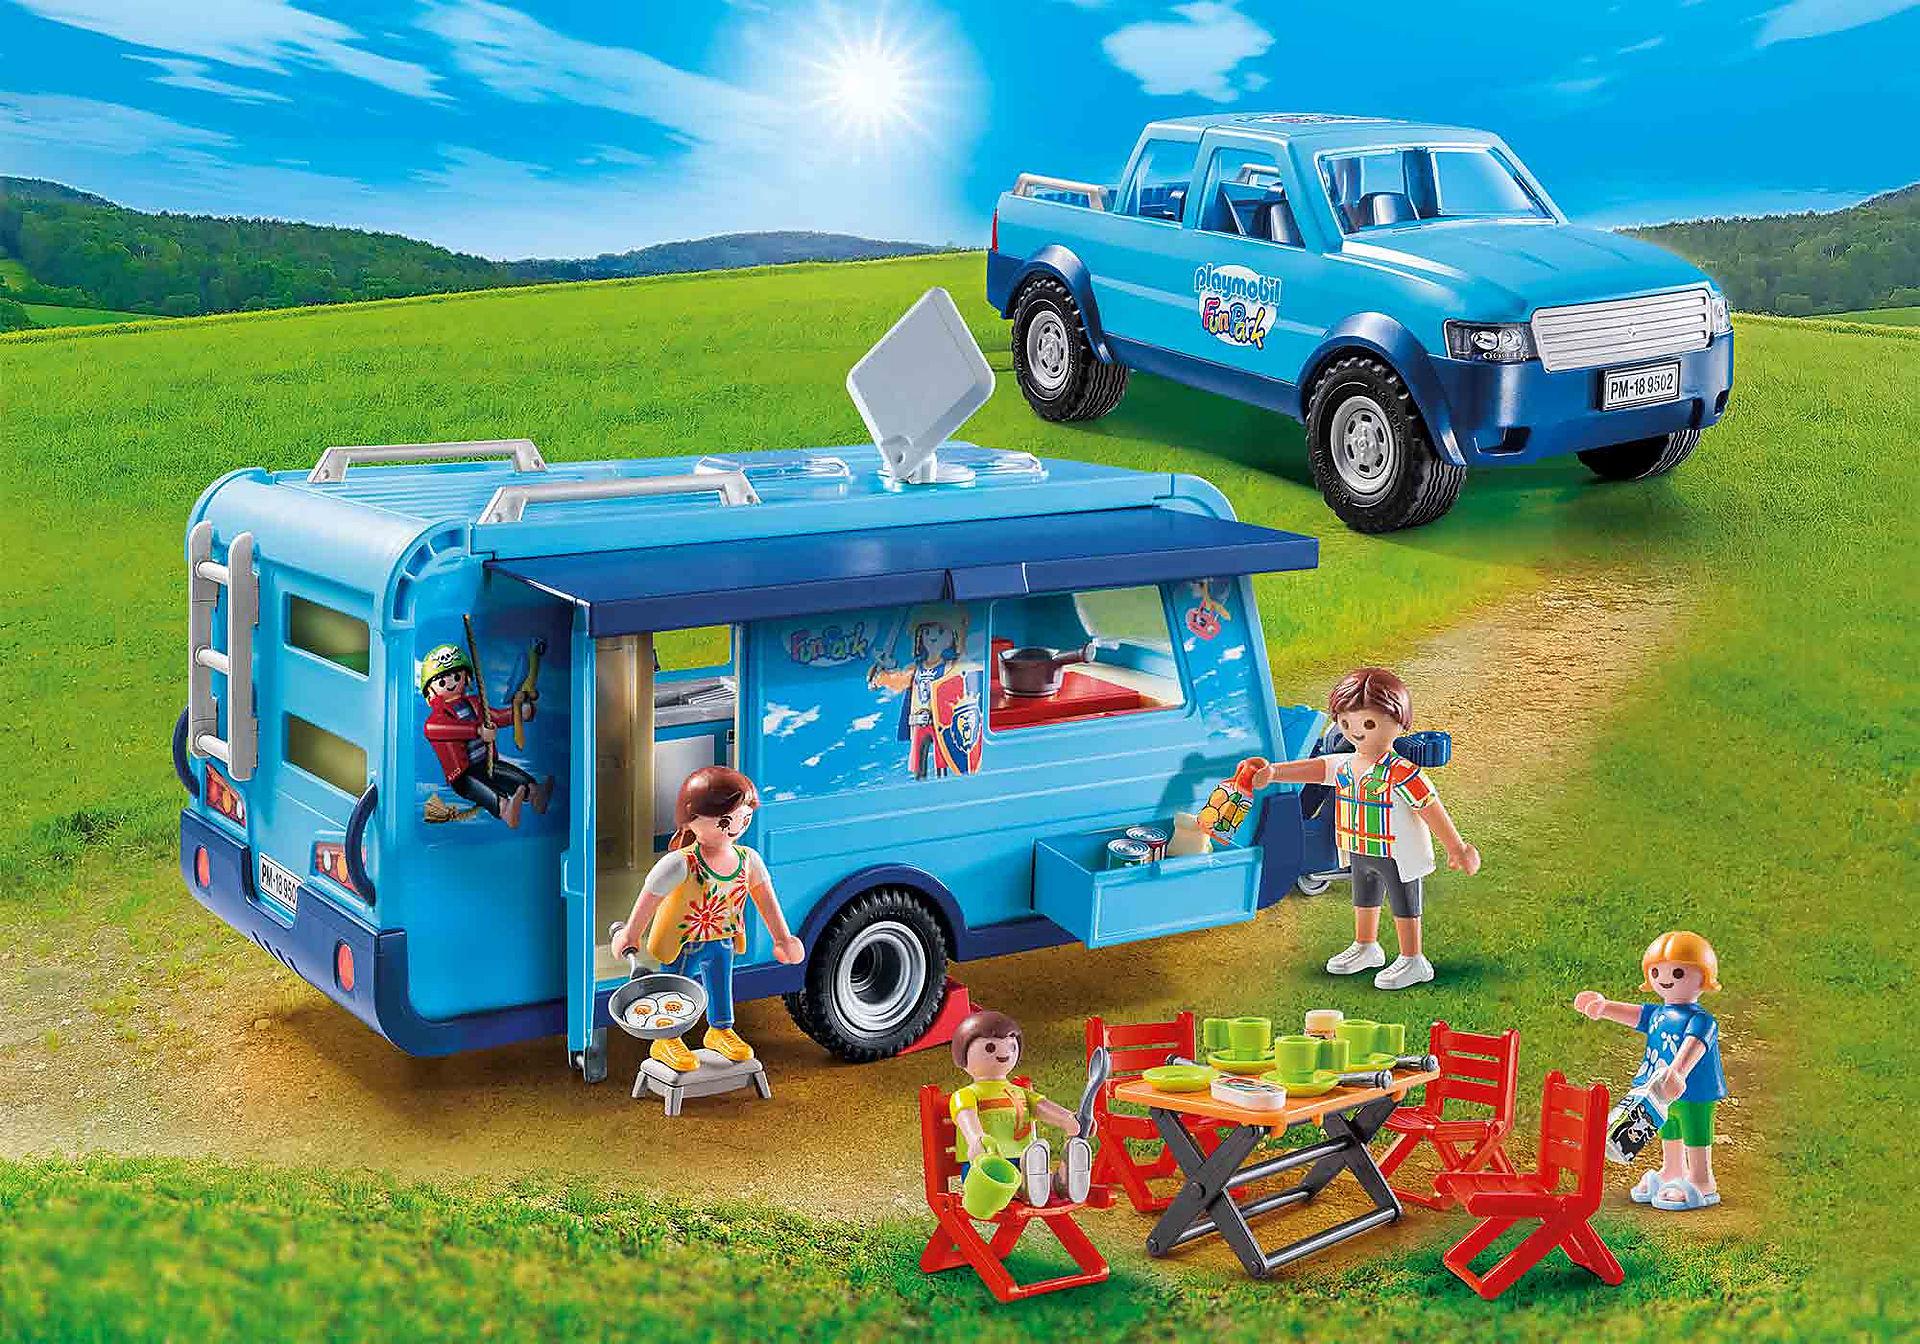 Playmobil auto met caravan (Funpark editie), bij bestelling vanaf 30 euro nog 15% korting via nieuwsbrief.